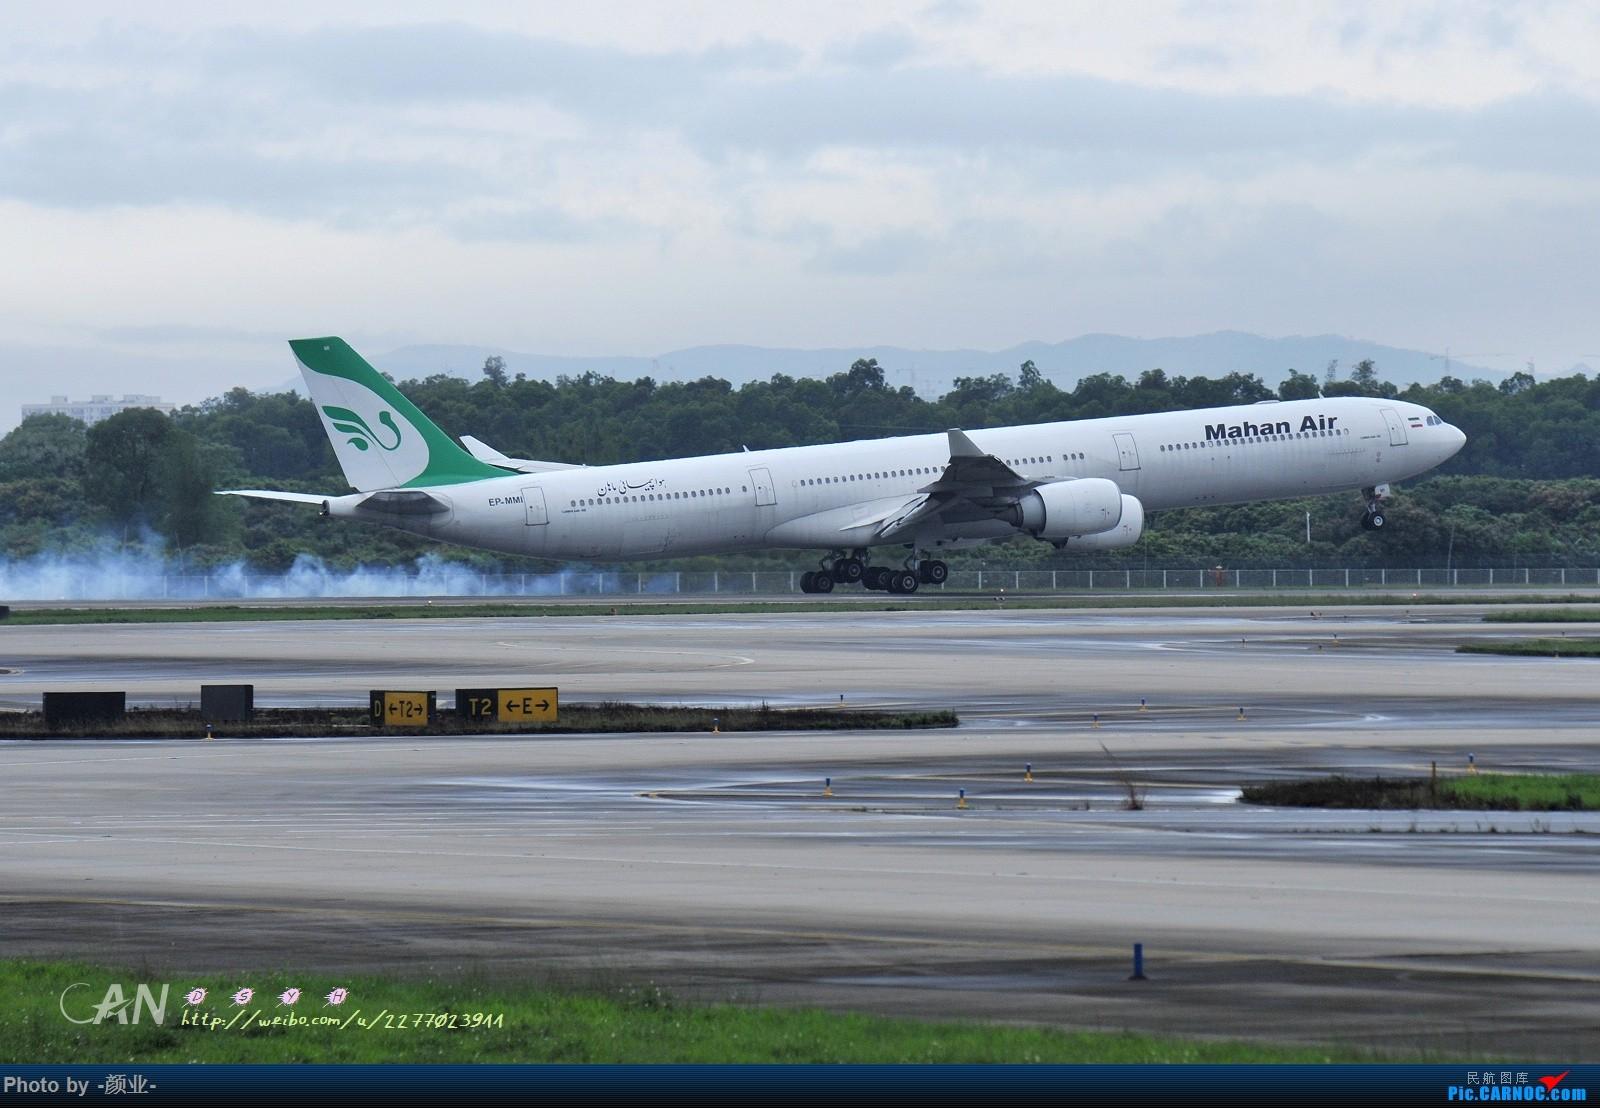 Re:[原创]2011-2016我的打灰机心情[广州] AIRBUS A340-600 EP-MMI 中国广州白云国际机场